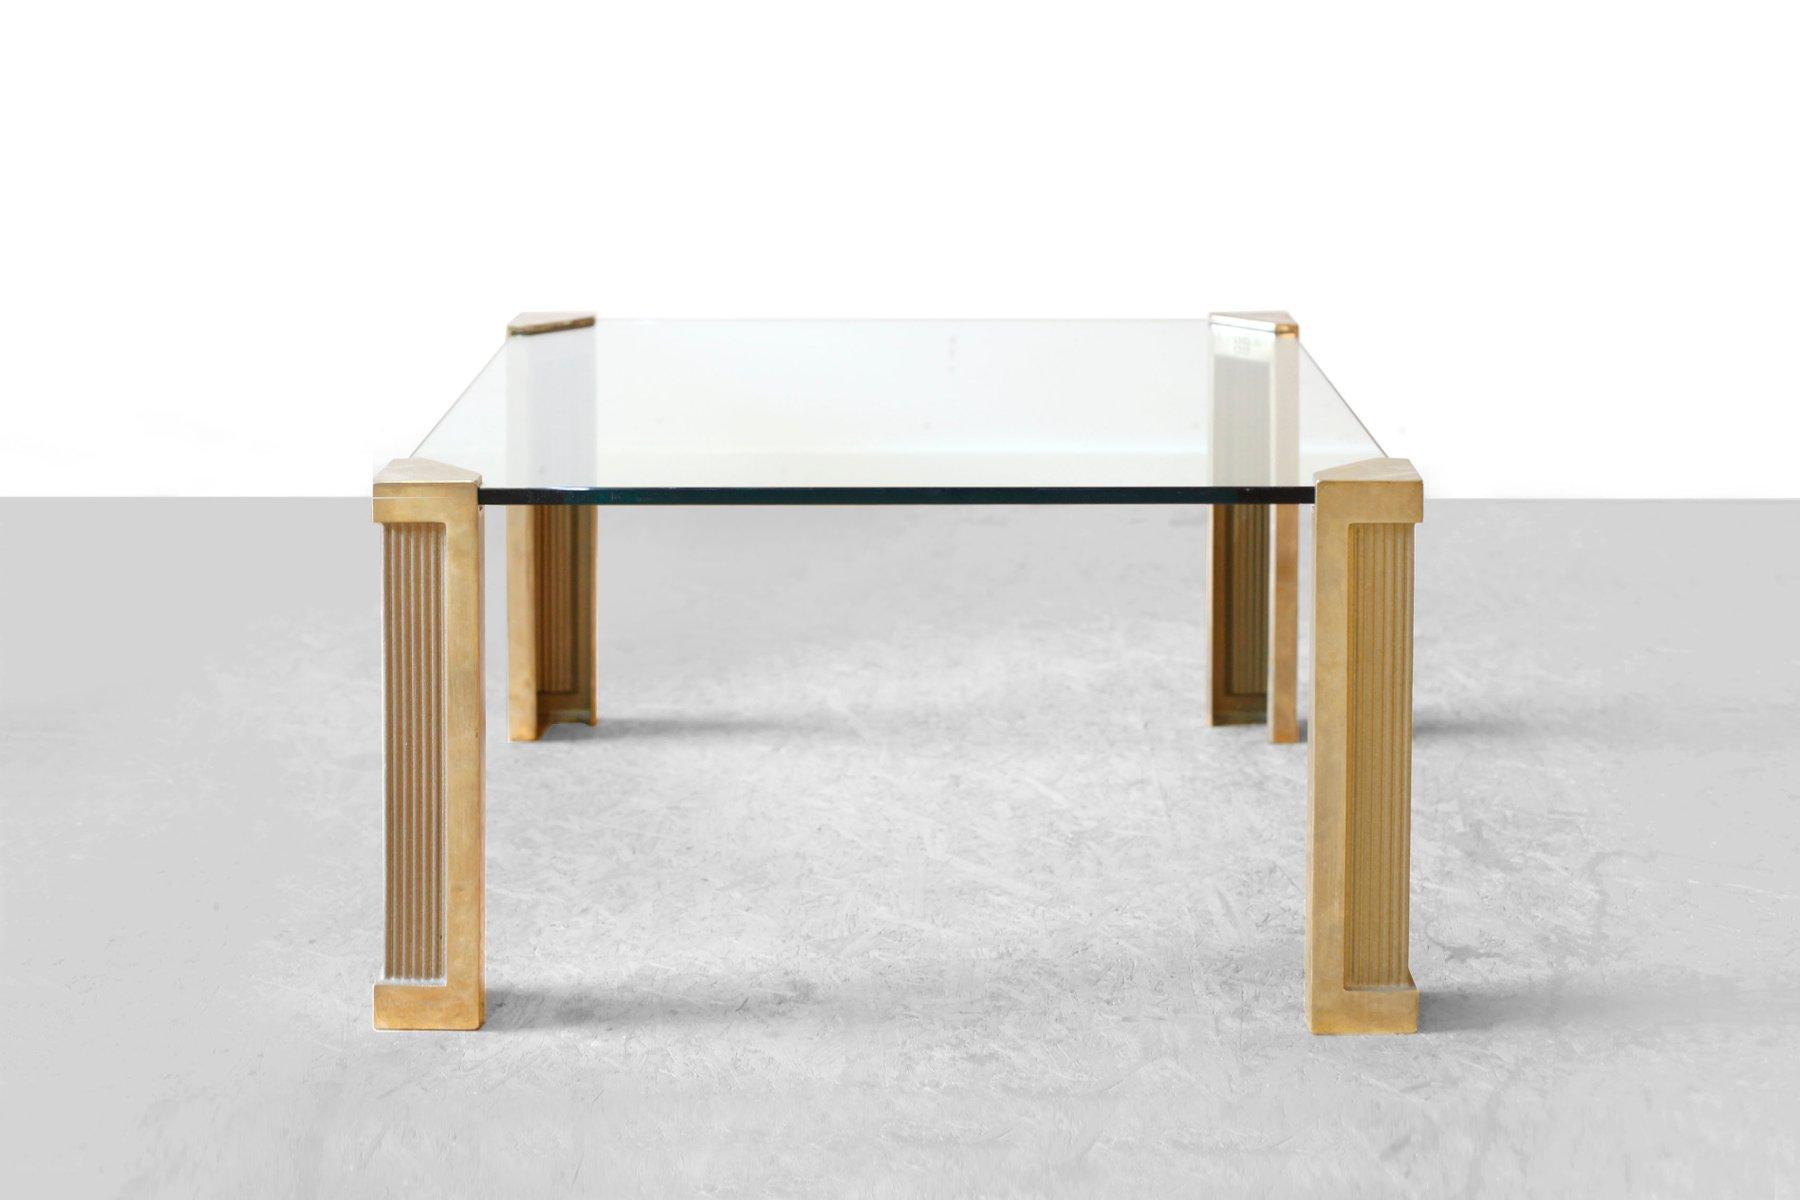 messing glas couchtisch von peter ghyczy 1970er bei pamono kaufen. Black Bedroom Furniture Sets. Home Design Ideas